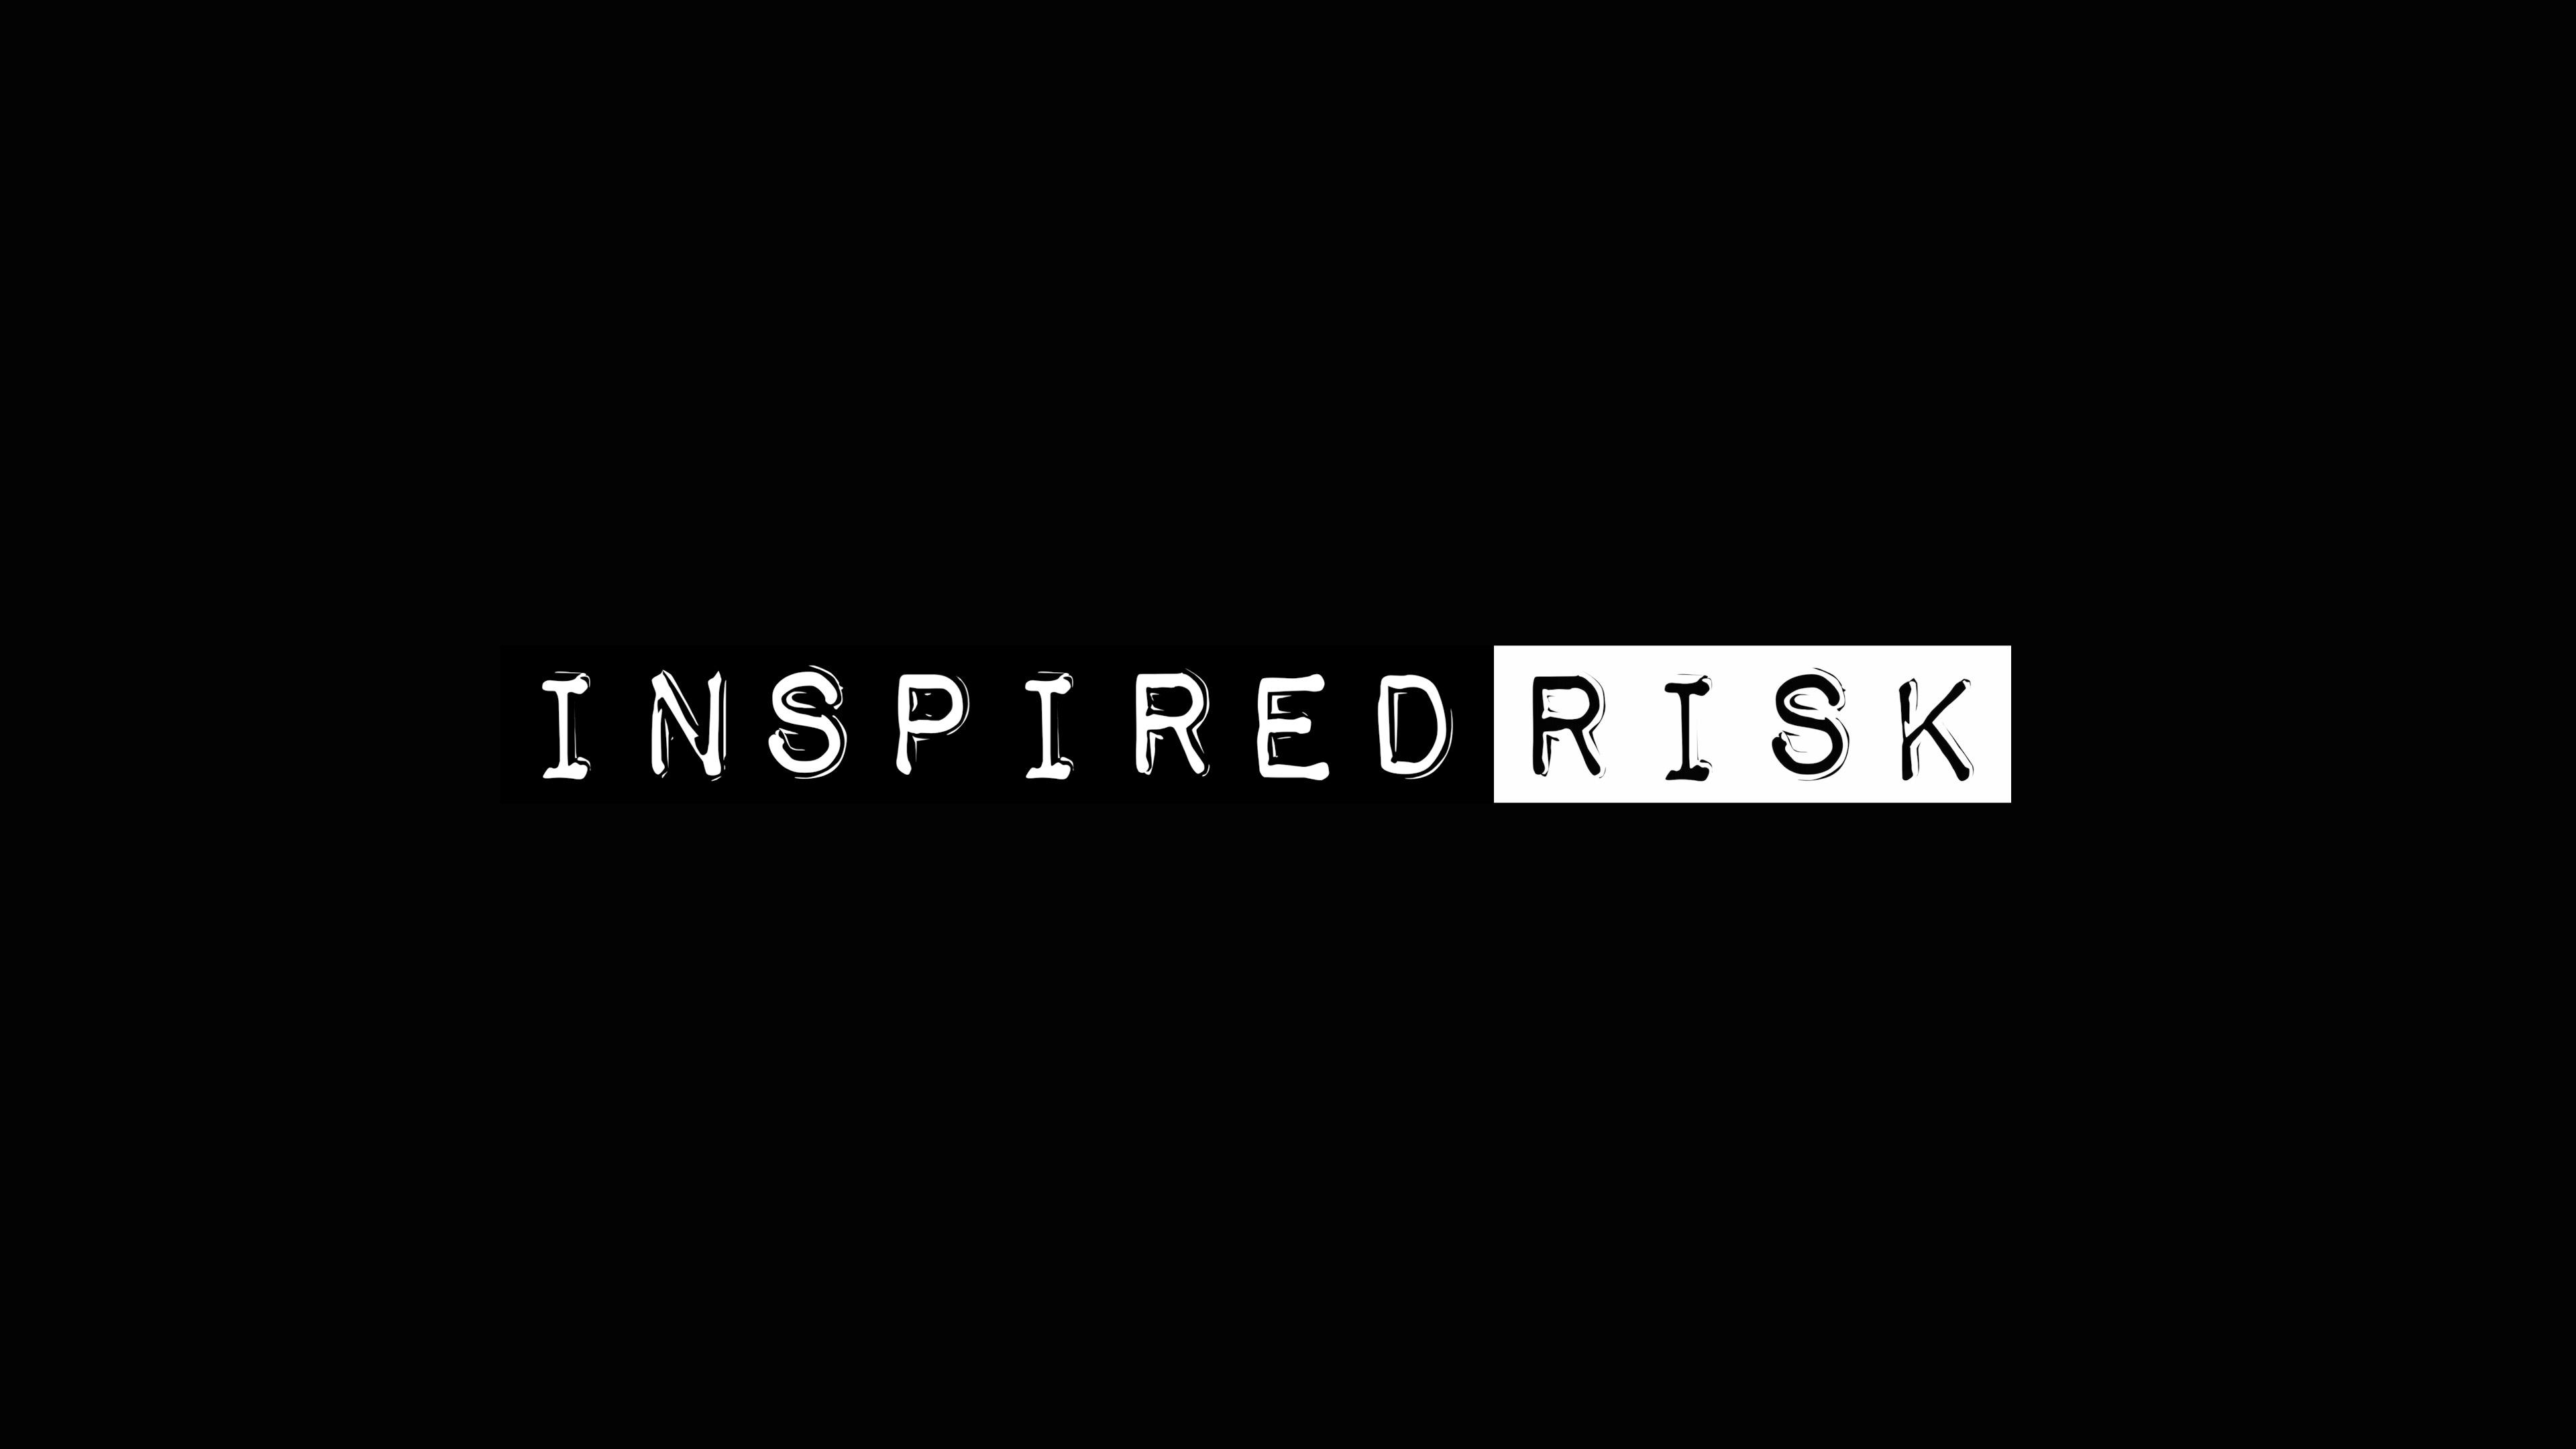 Inspired Risk Black & White 4